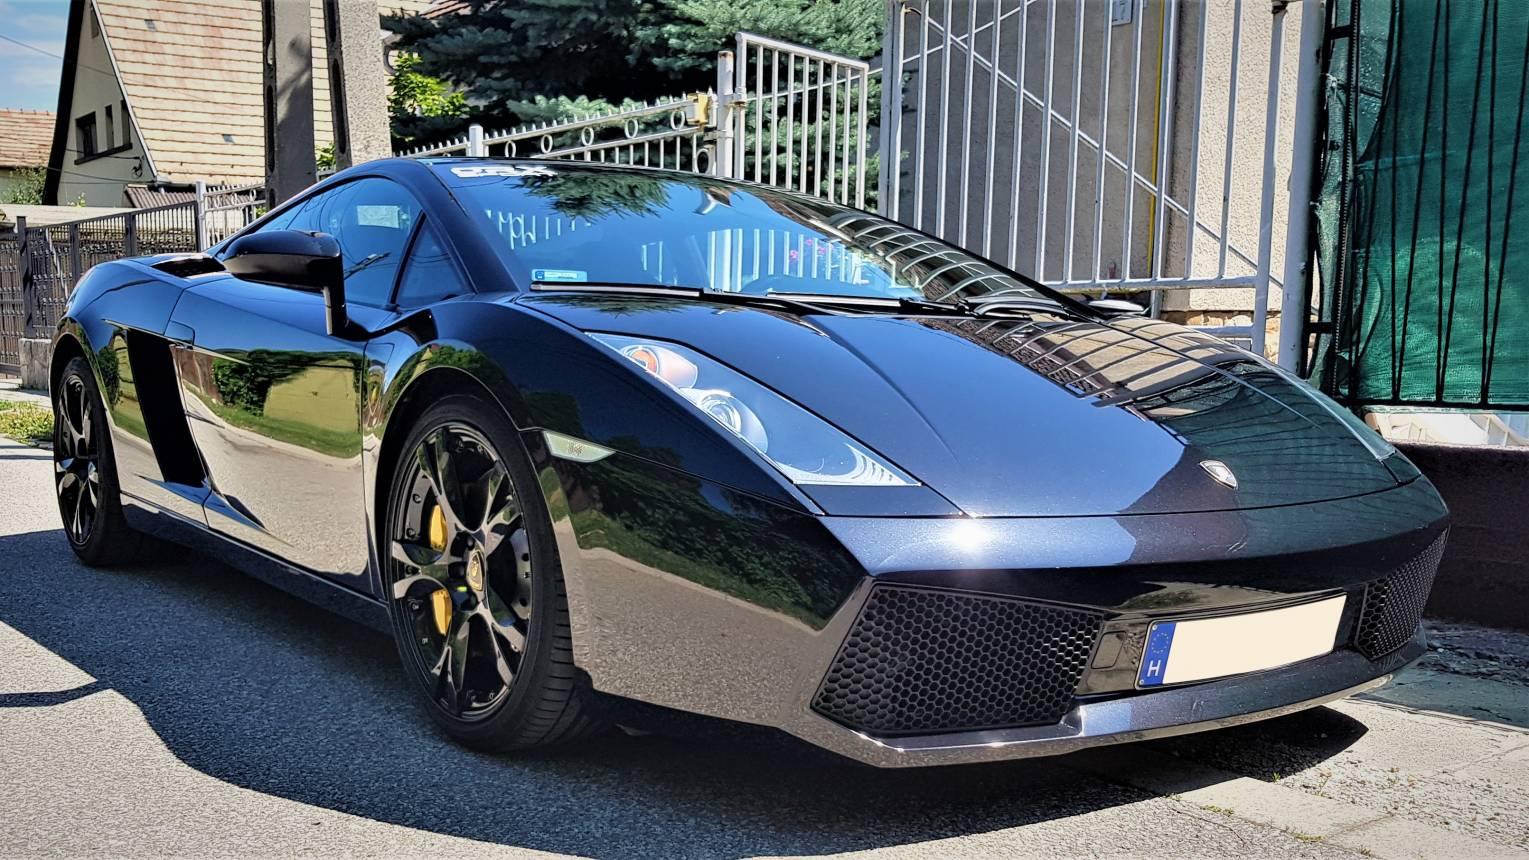 500 Le-s Lamborghini Gallardo vezetés Budapest utcáin! Menő ajándék!